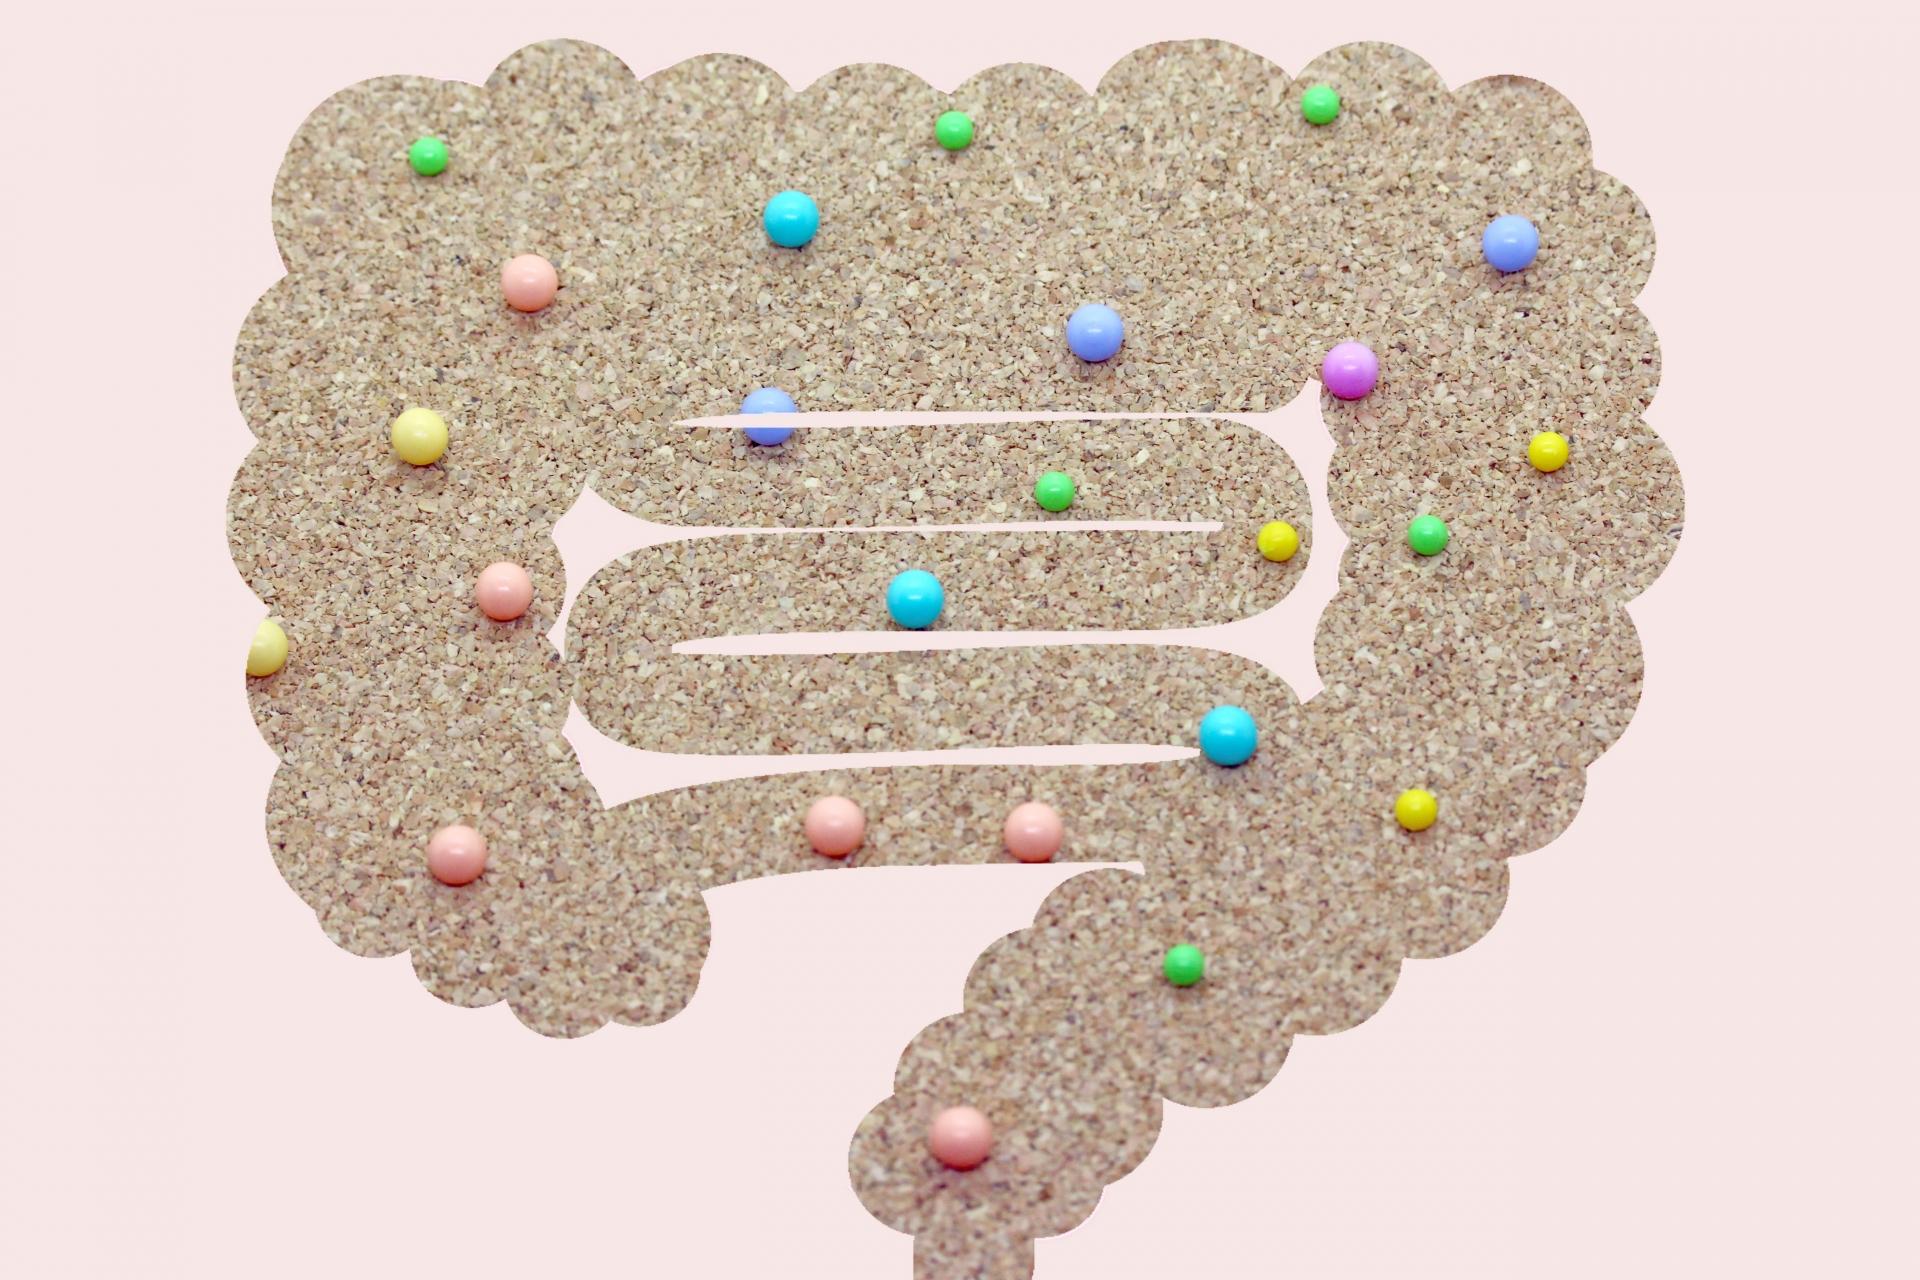 腸内細菌の多様性